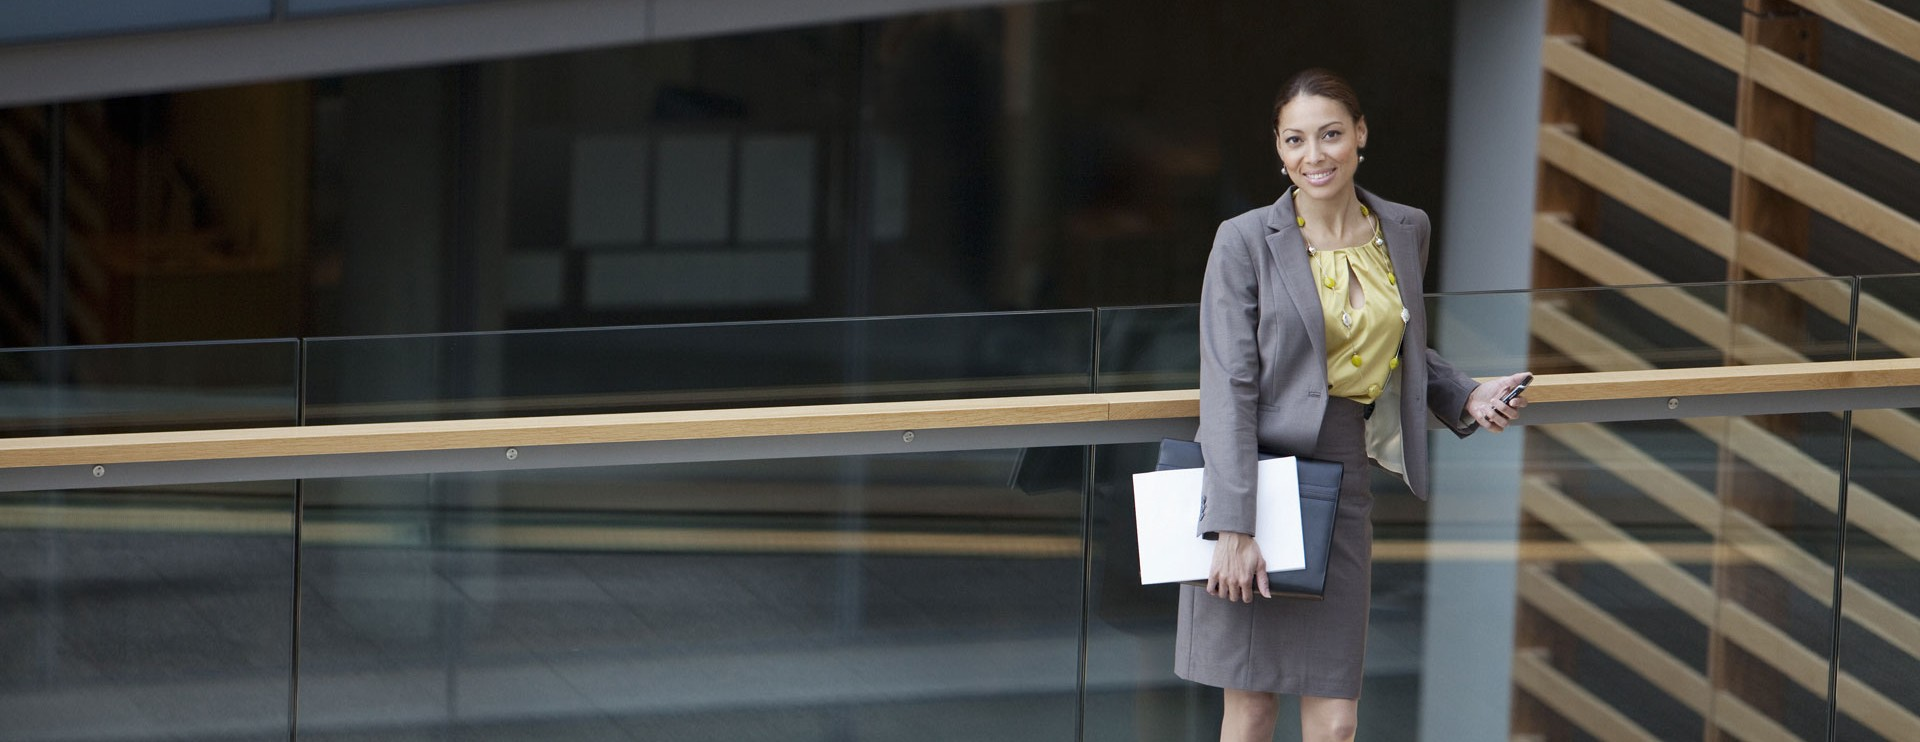 Geschäftsfrau, die stehend Dokumene hält